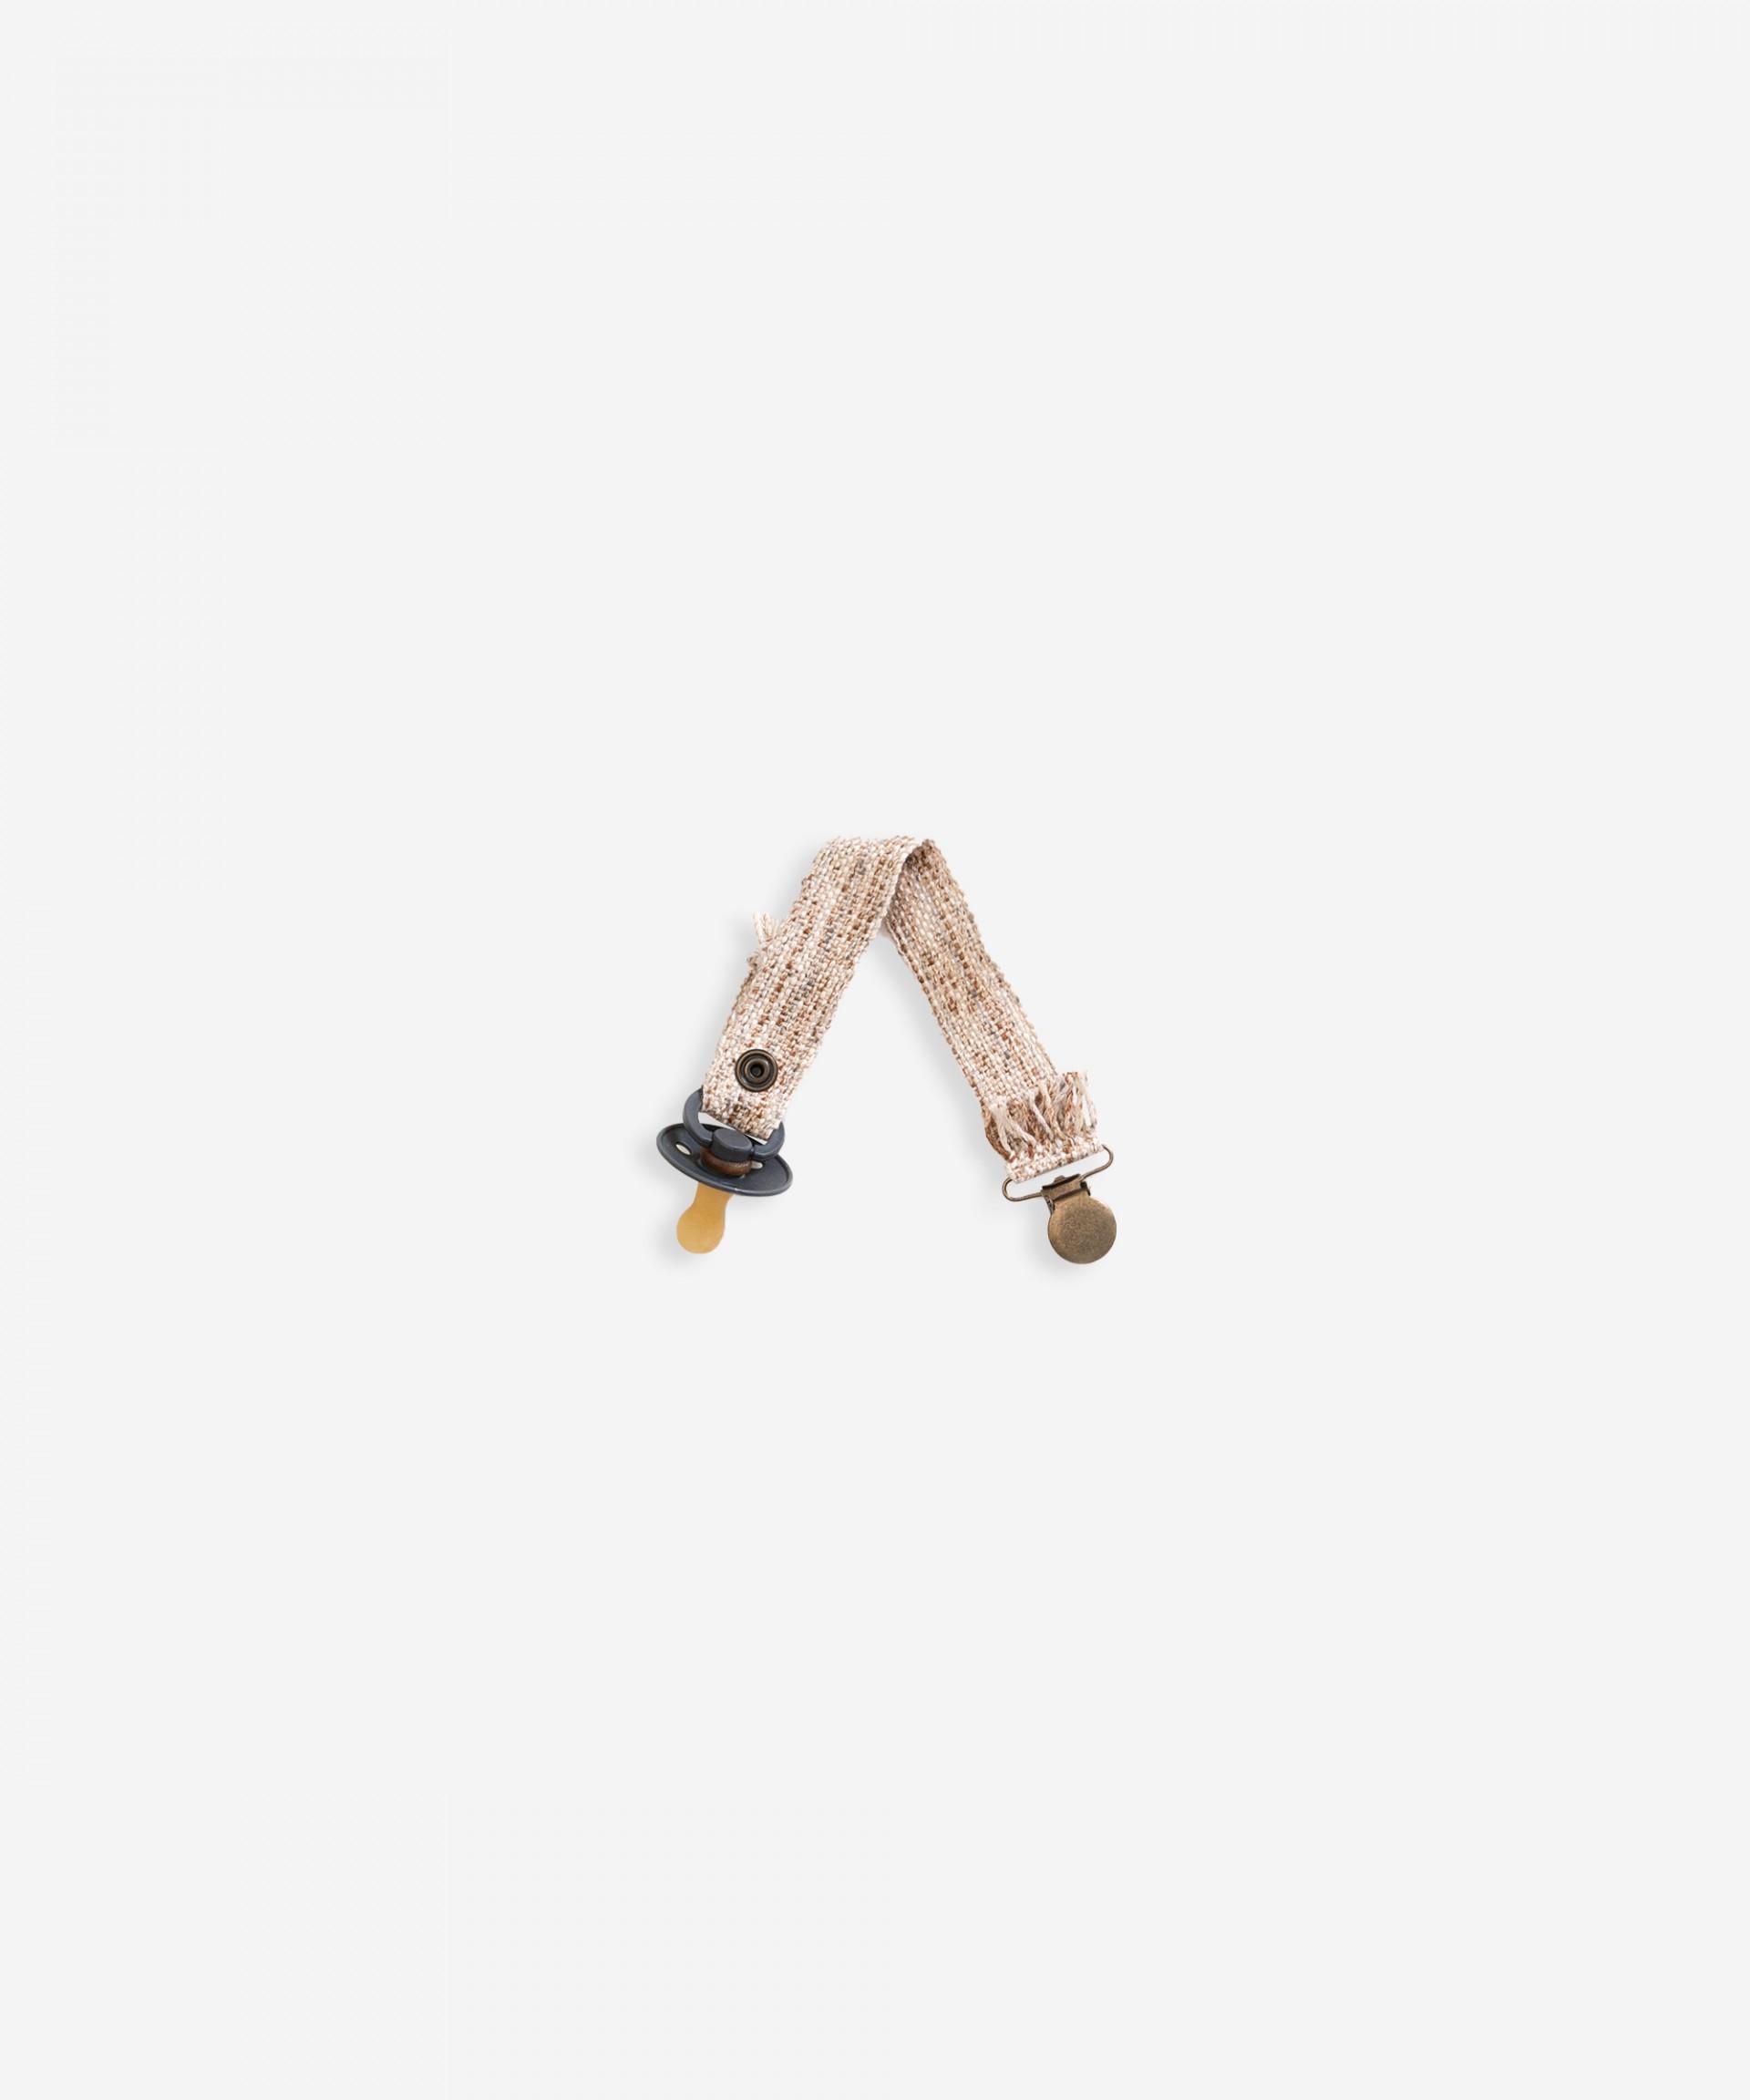 Nastro ciuccio | Weaving